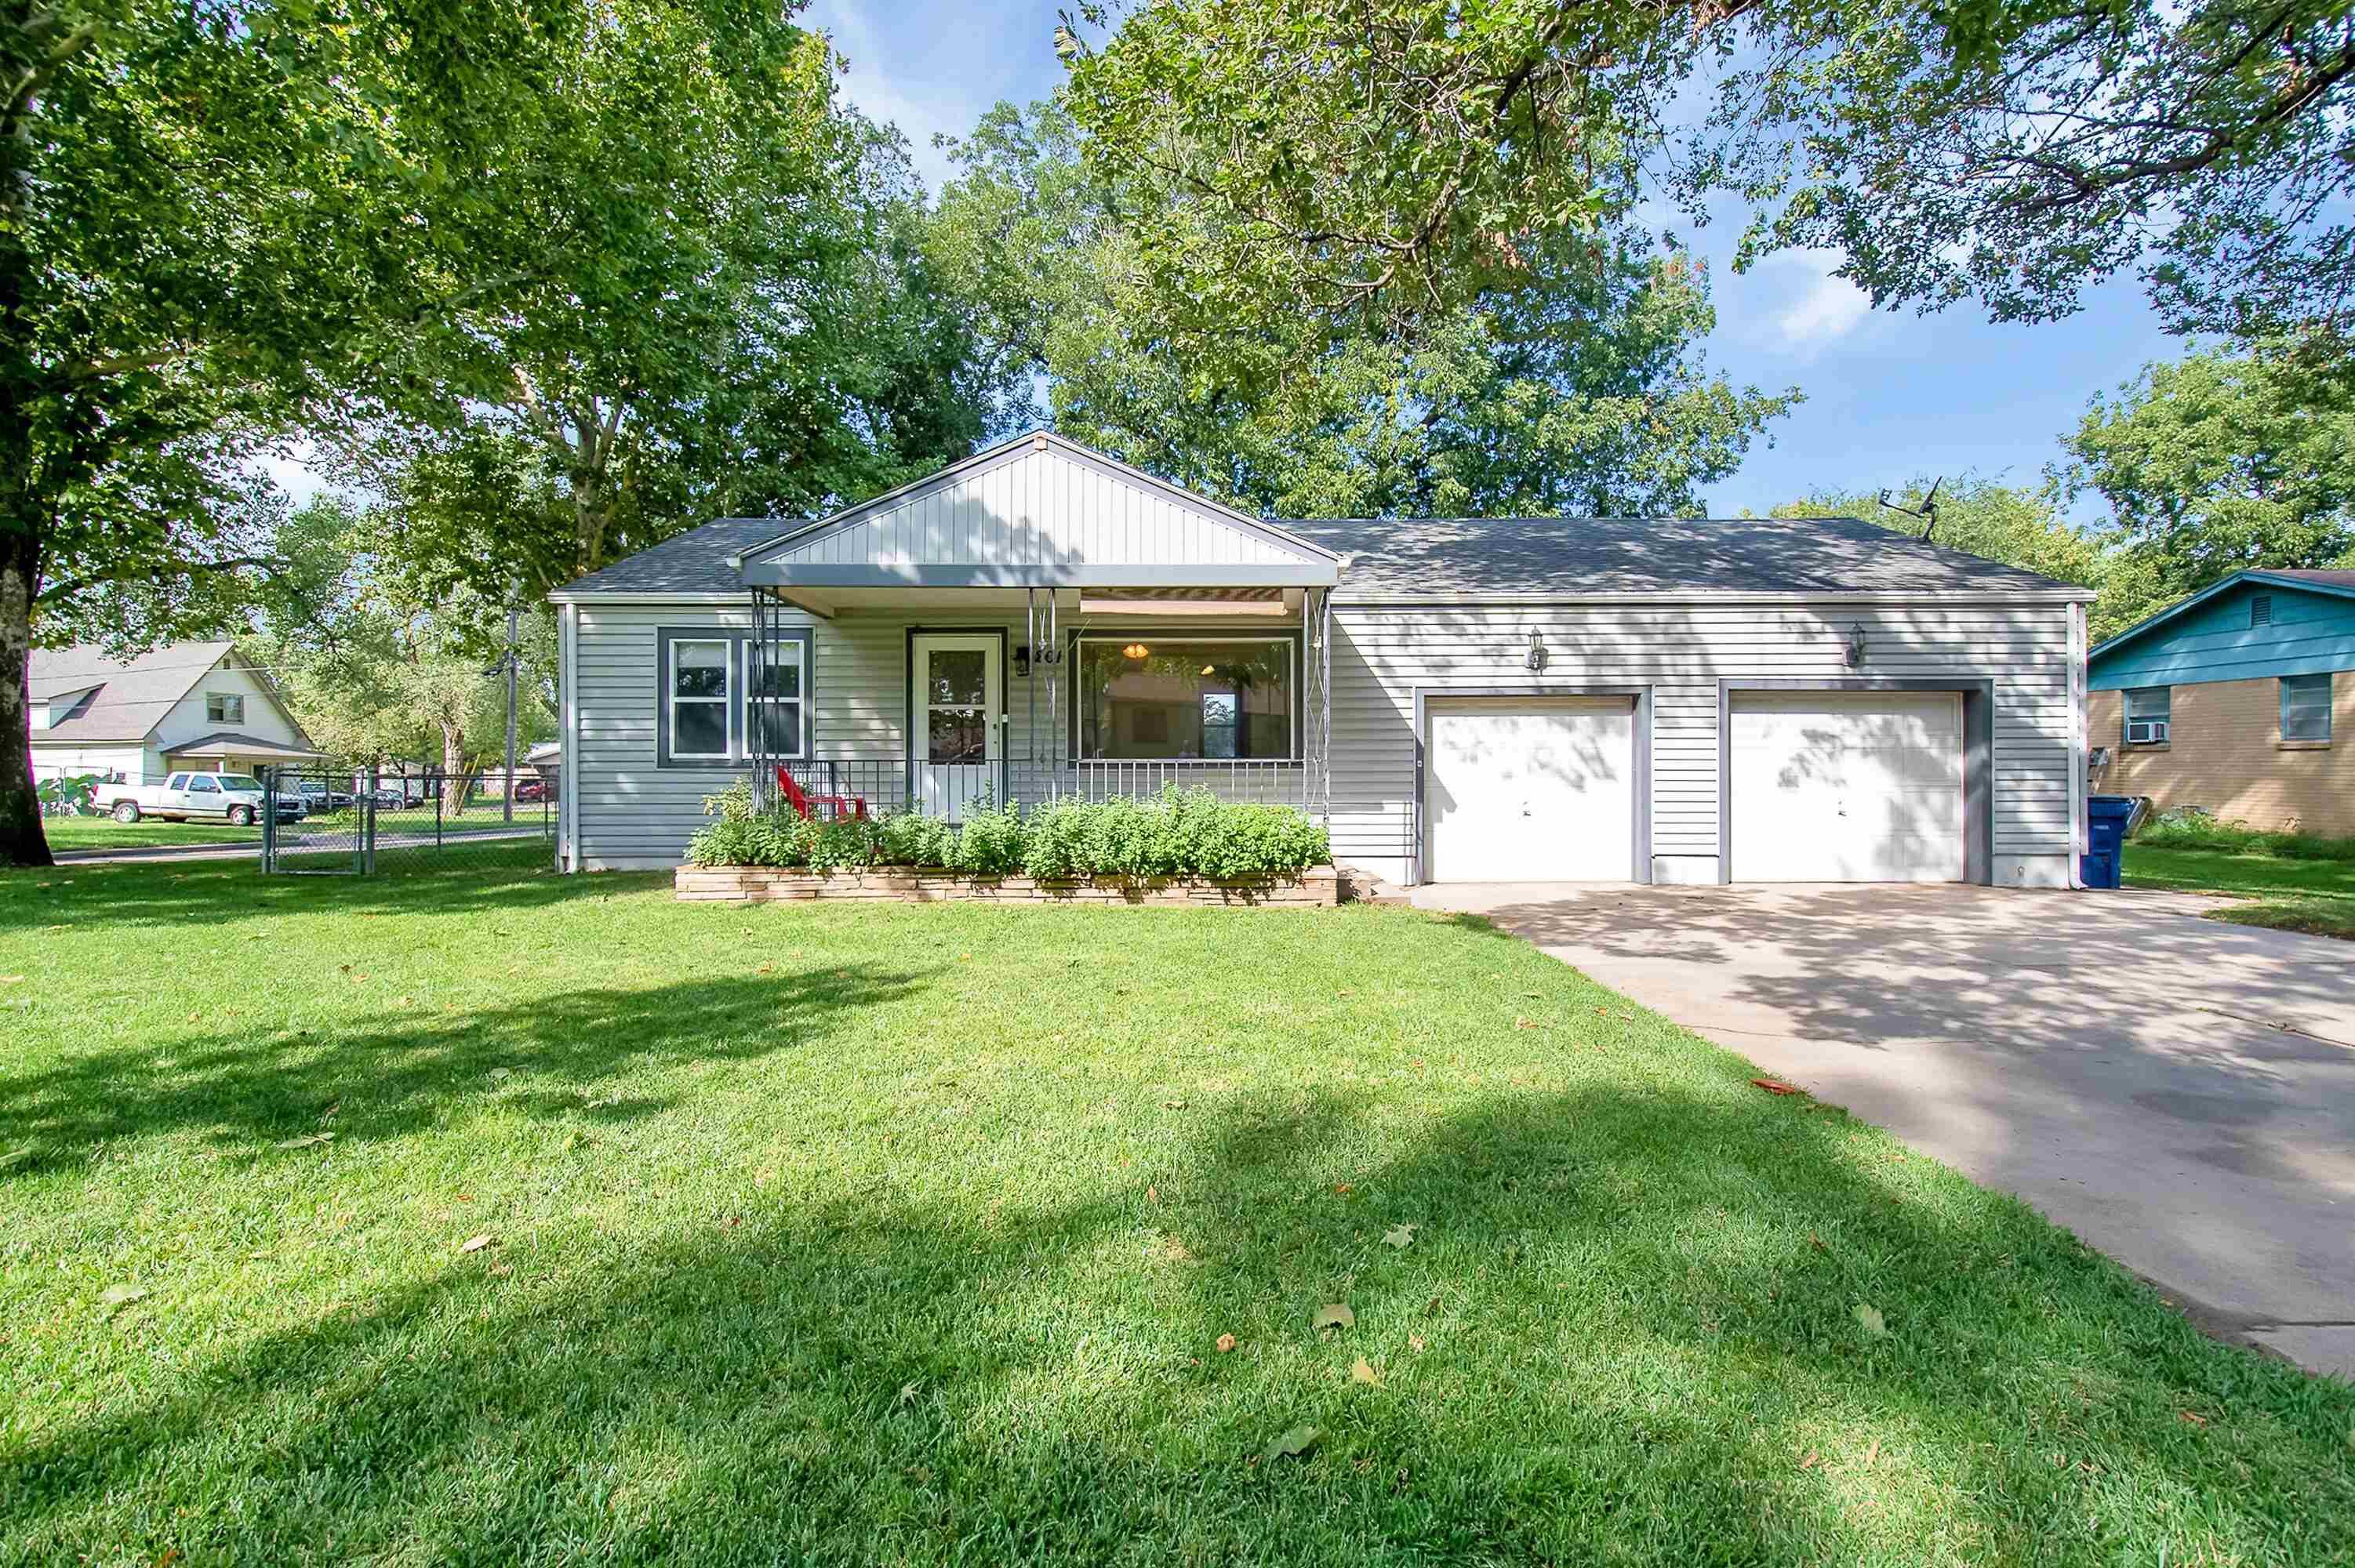 201 N Kessler, Wichita, KS, 67203